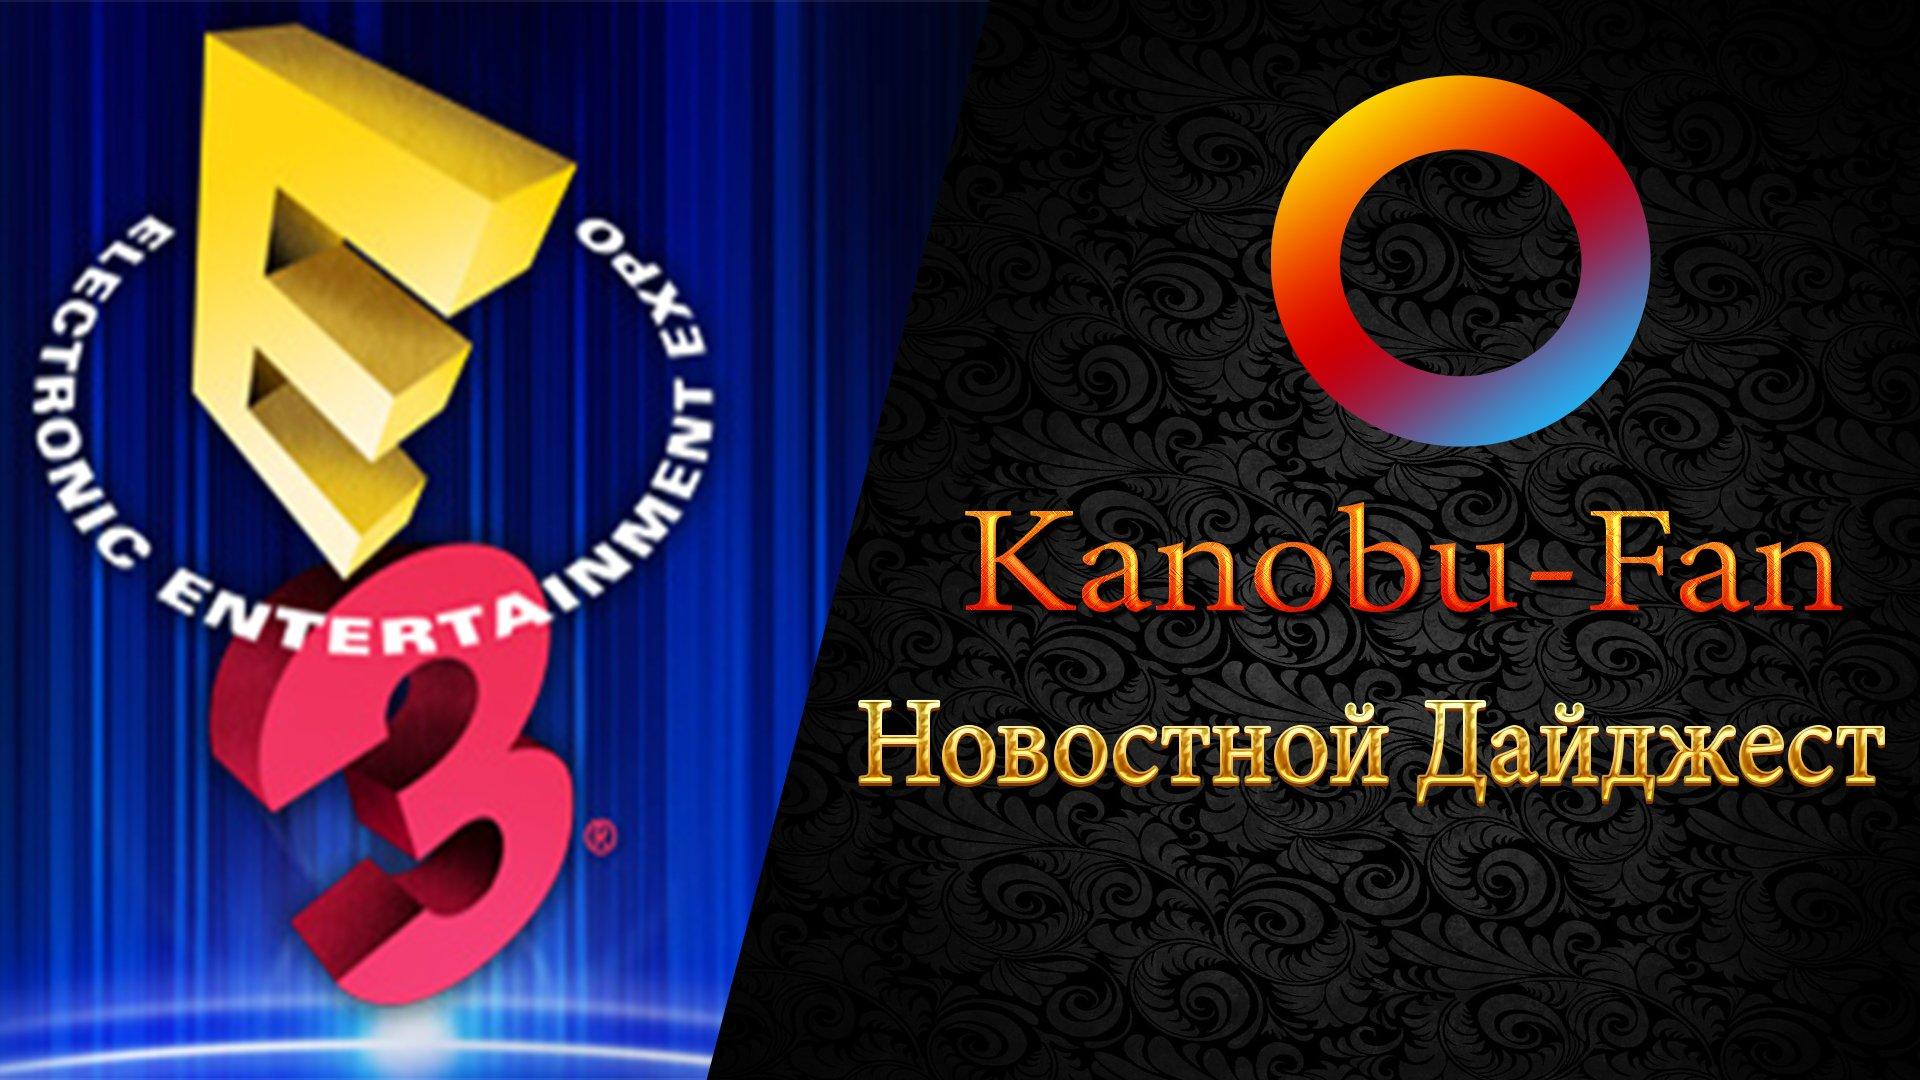 11.Новостной Дайджест Е3 (Kanobu-Fan)  - Изображение 1